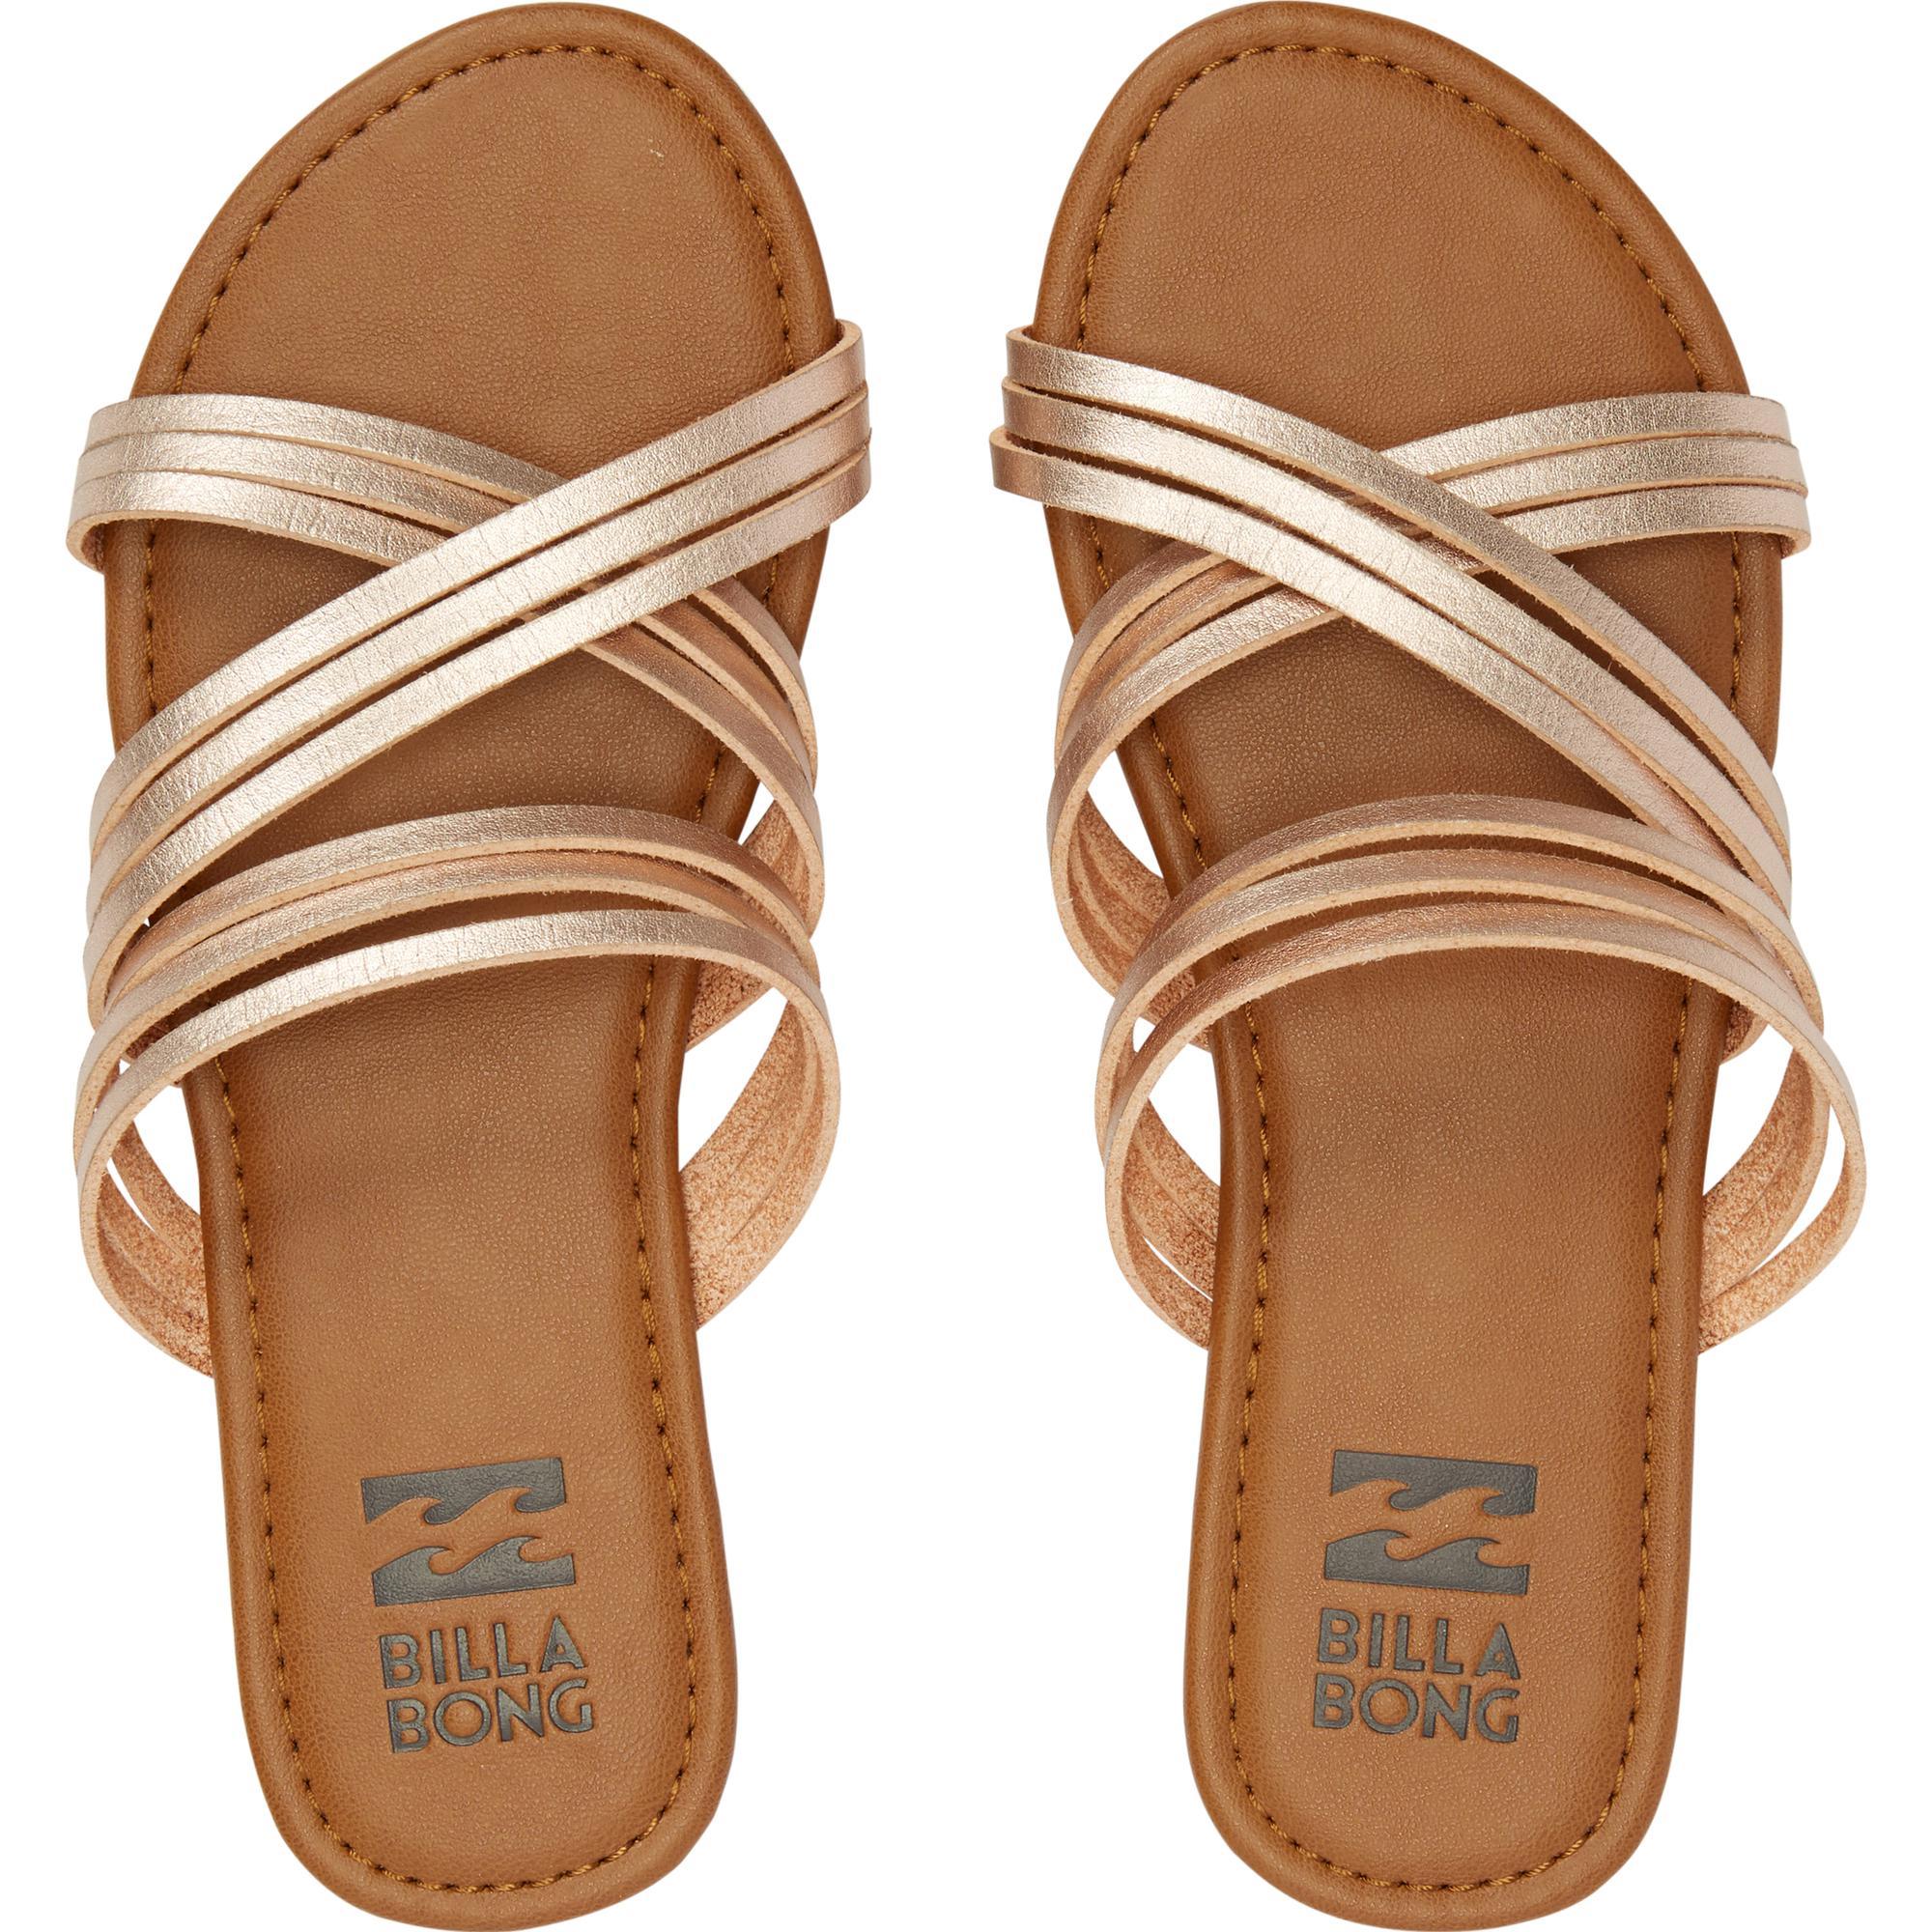 87eec2197216 Lyst - Billabong Sandy Toes Slide Sandal